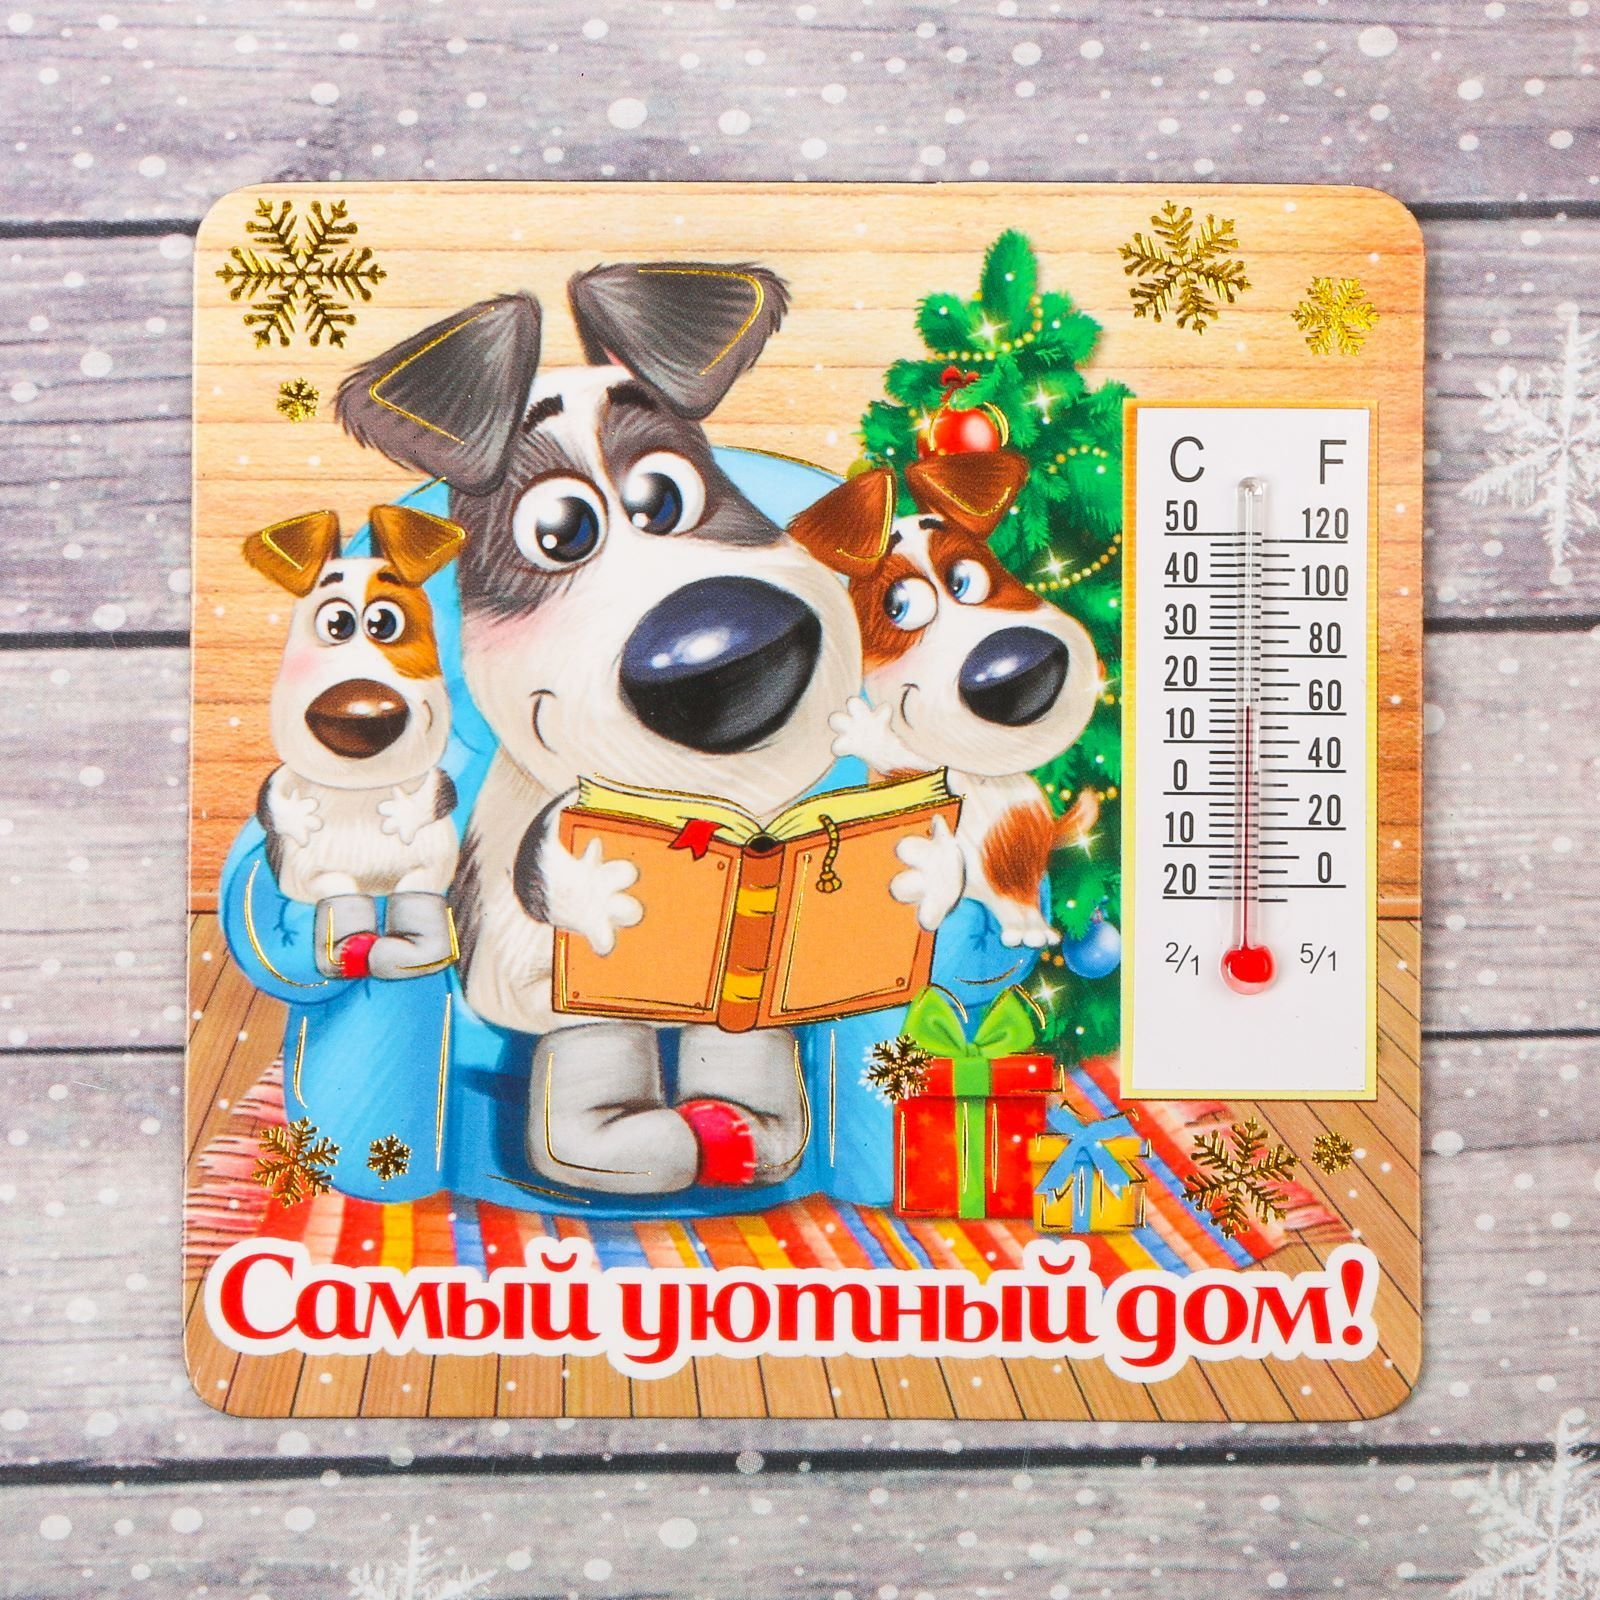 Магнит Sima-land Самый уютный дом, с термометром, 8 х 8 см2011362Порадуйте родных и близких оригинальным сувениром: преподнесите в подарок магнит. С ним даже самый серьёзный человек почувствует себя ребёнком, ожидающим чудо! Создайте праздничное настроение, и оно останется с вами на весь год.